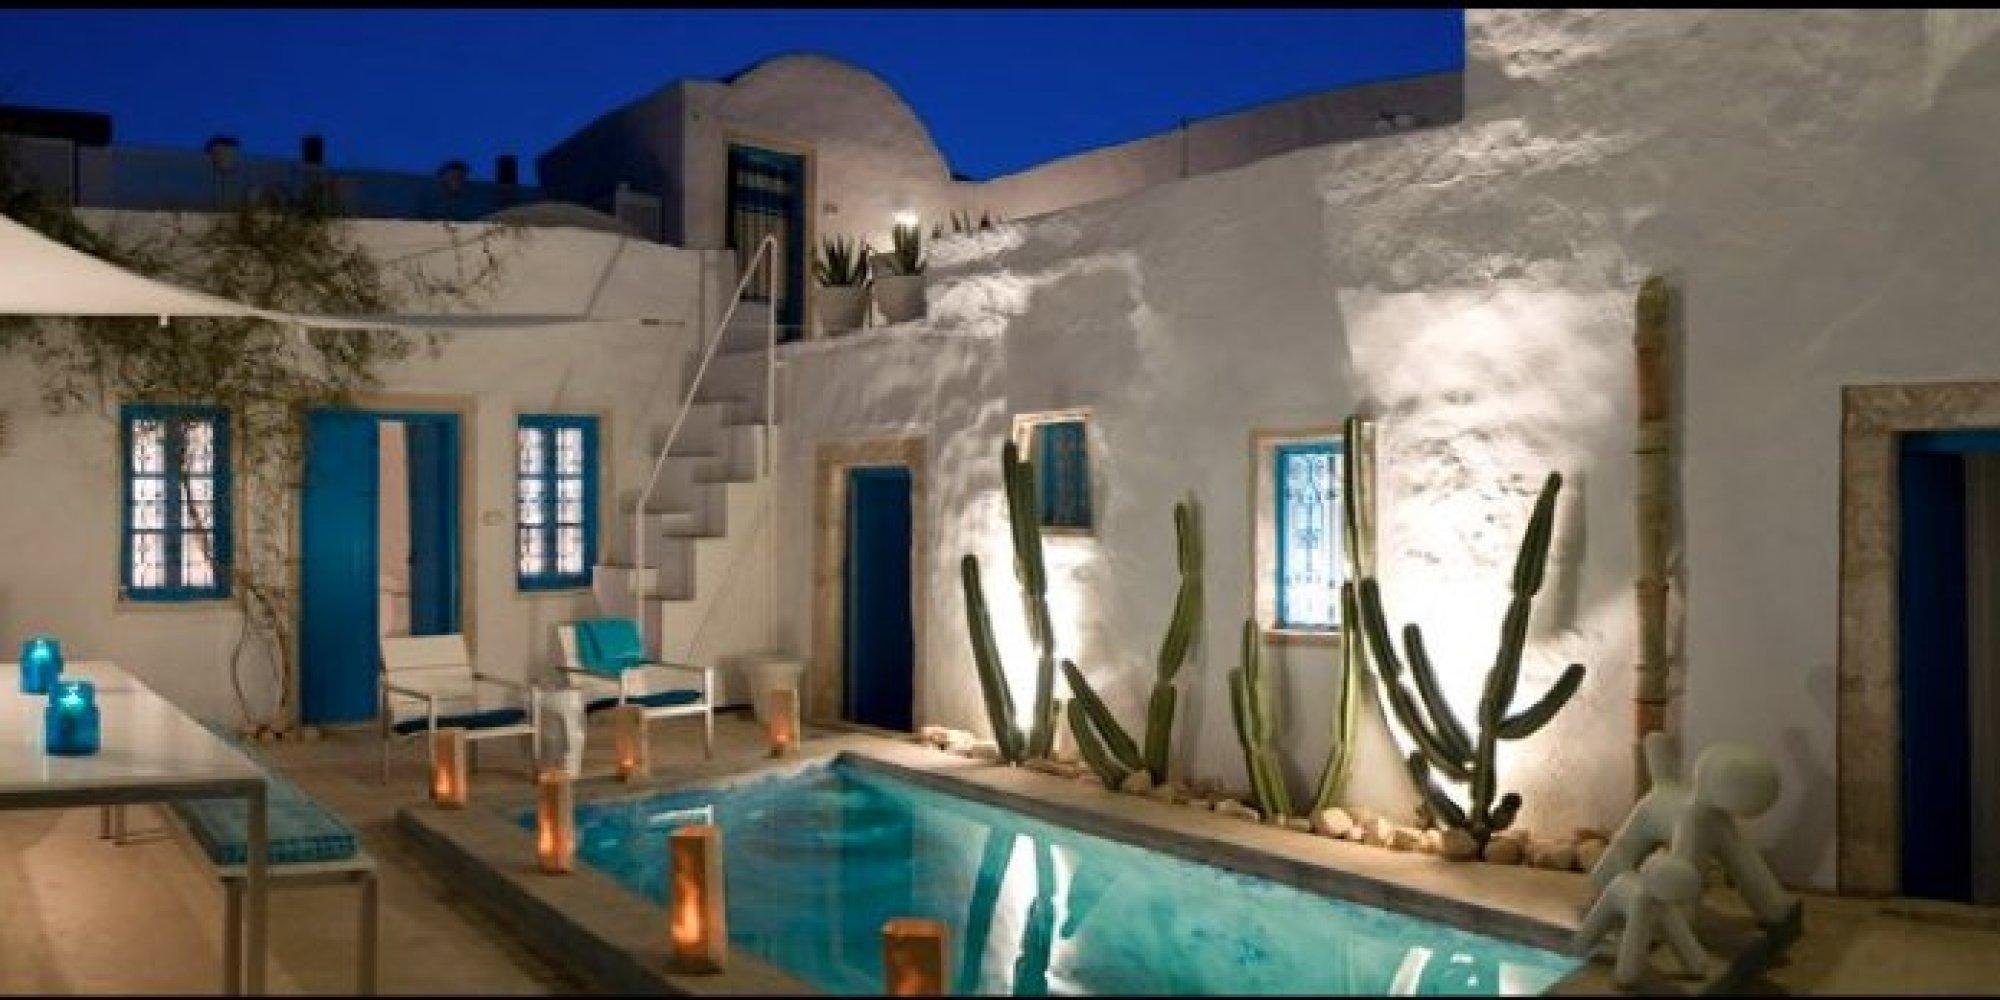 Exemple Facon De Entre Villa En Tunisie Image Sur Le Design Maison